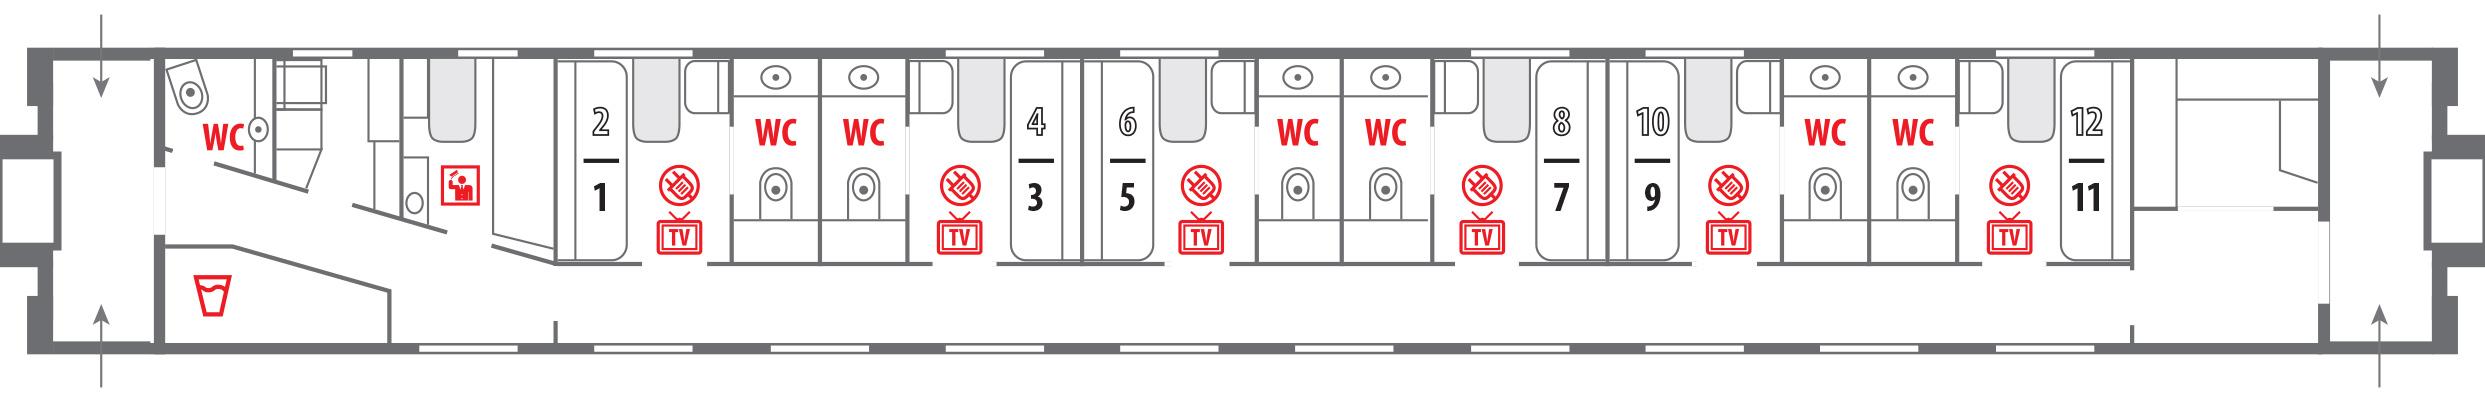 толстой лев вагона в схема поезде